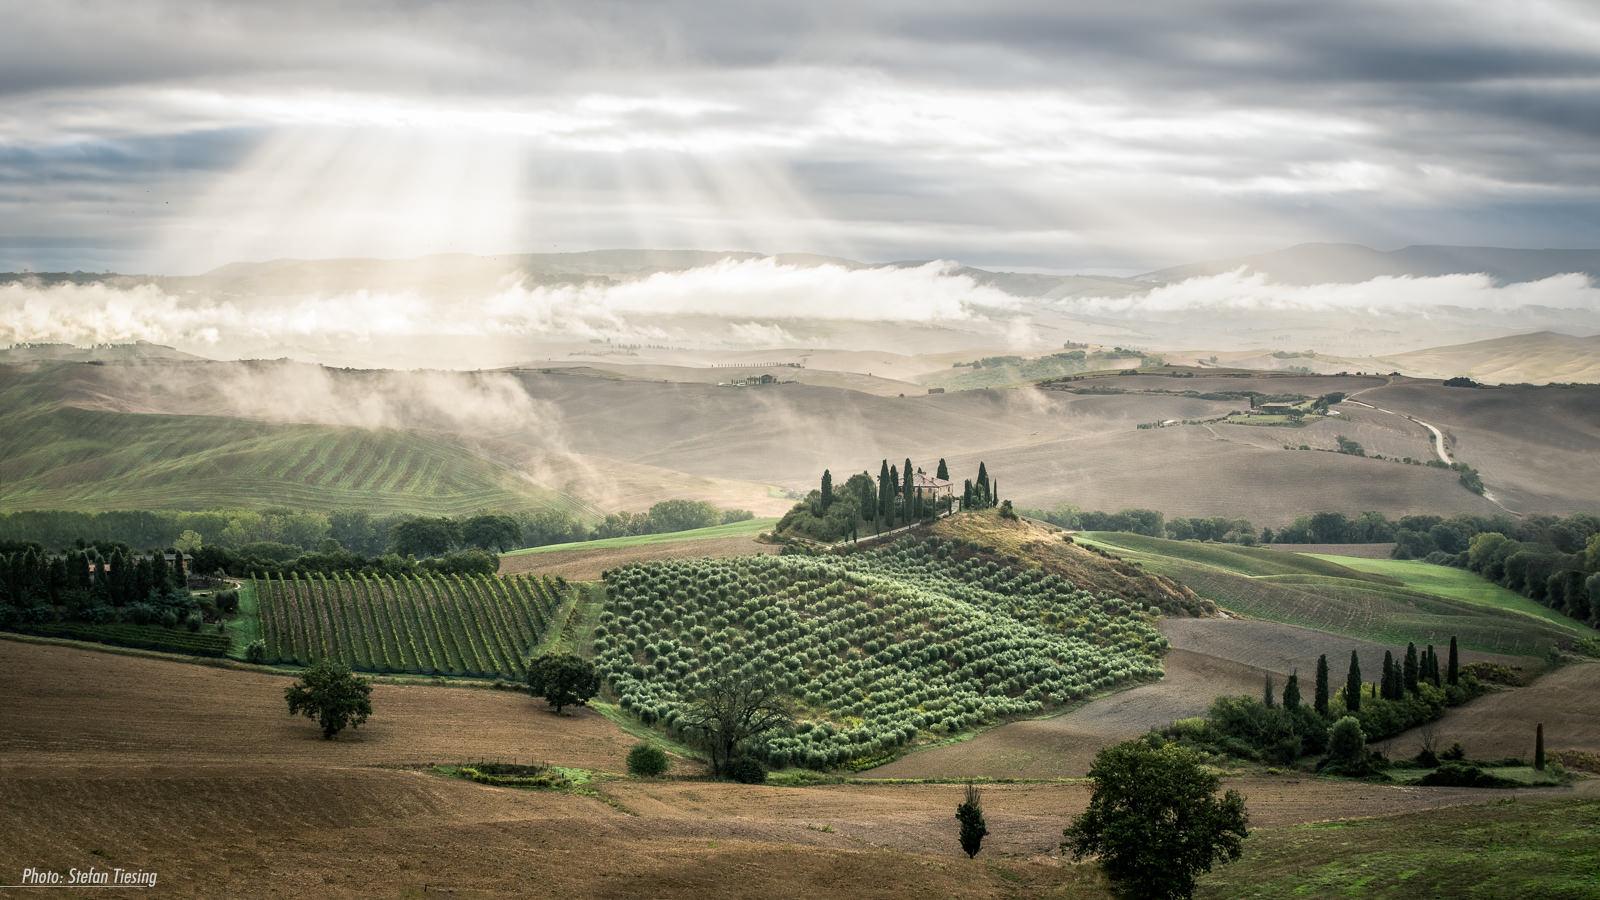 Dream of Tuscany (oder wie ich in der Toskana auf Nebel wartete)